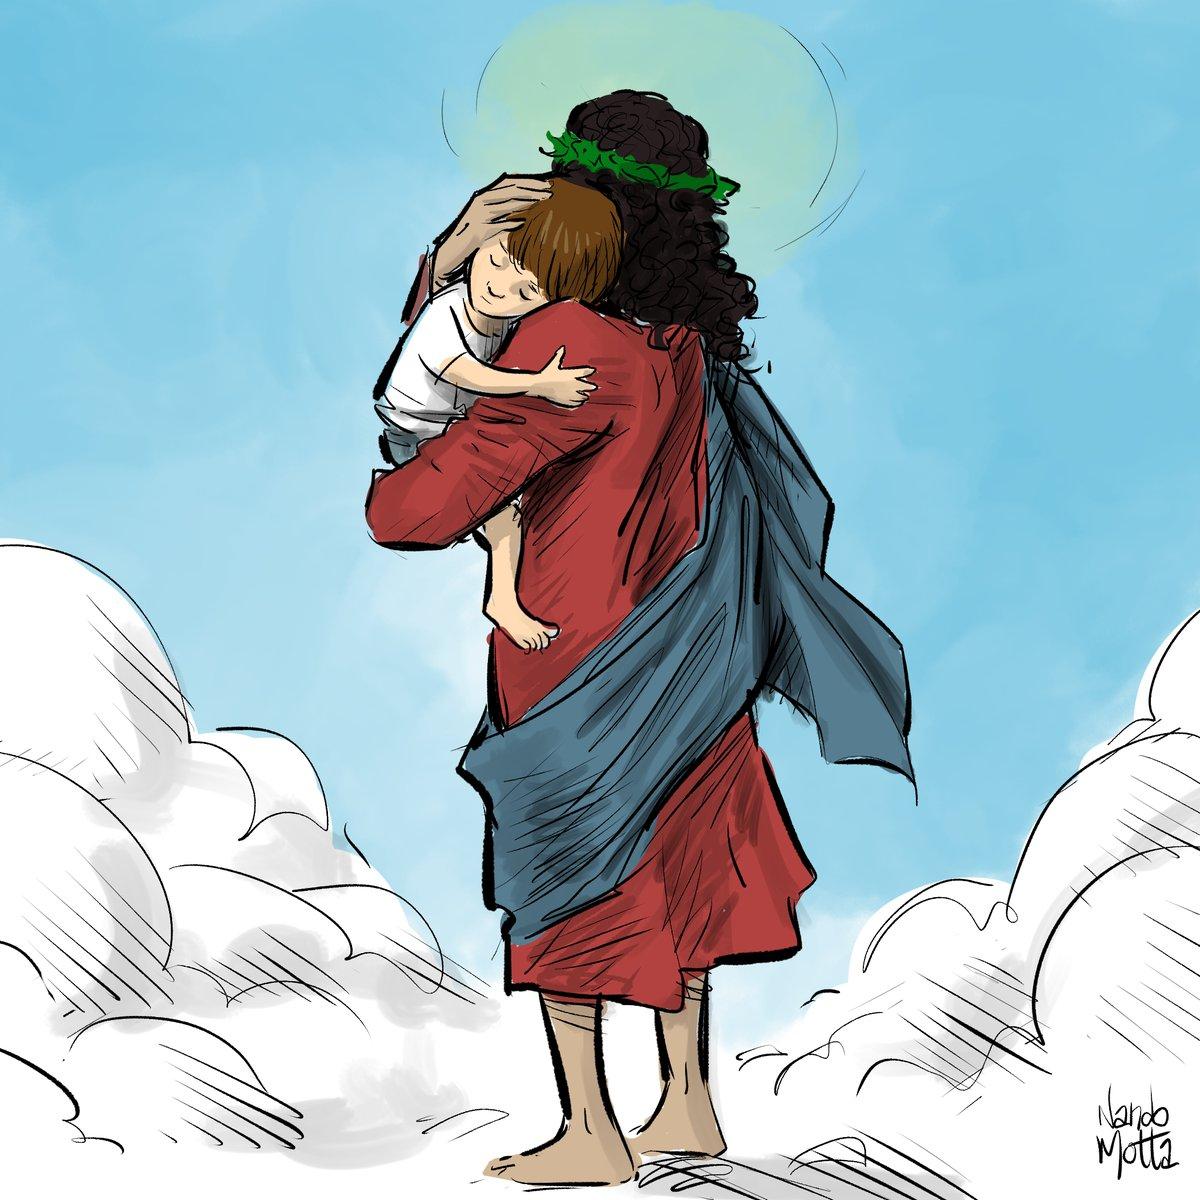 Homenagem ao menino Henry Borel - Por @desenhosdonando, do Jornalistas pela Democracia https://t.co/uZwqLrKOAe